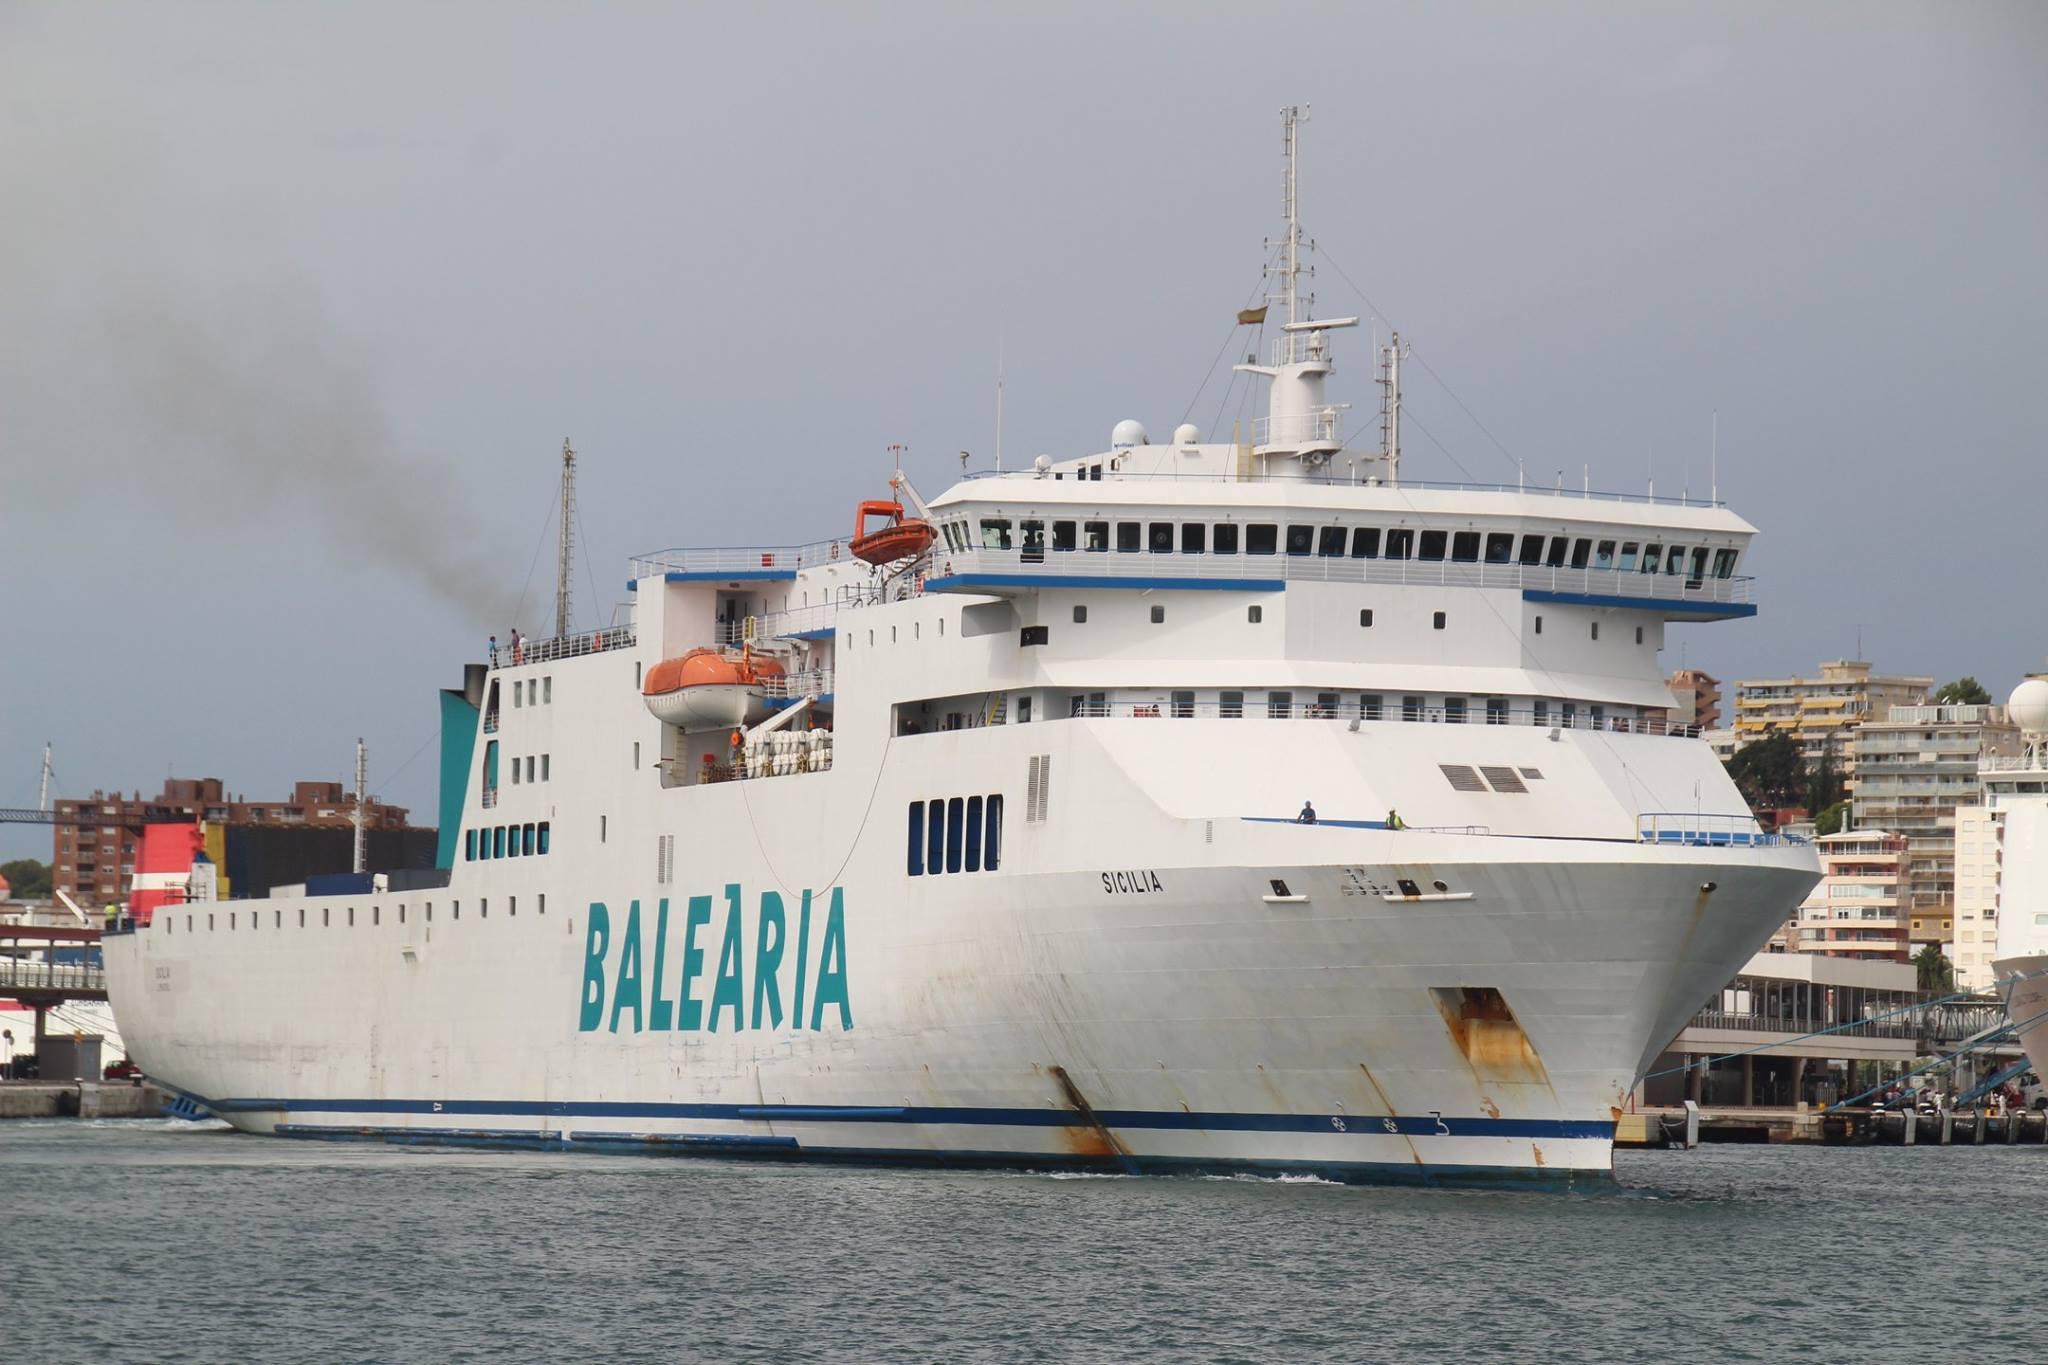 Ferry Sicilia Balearia